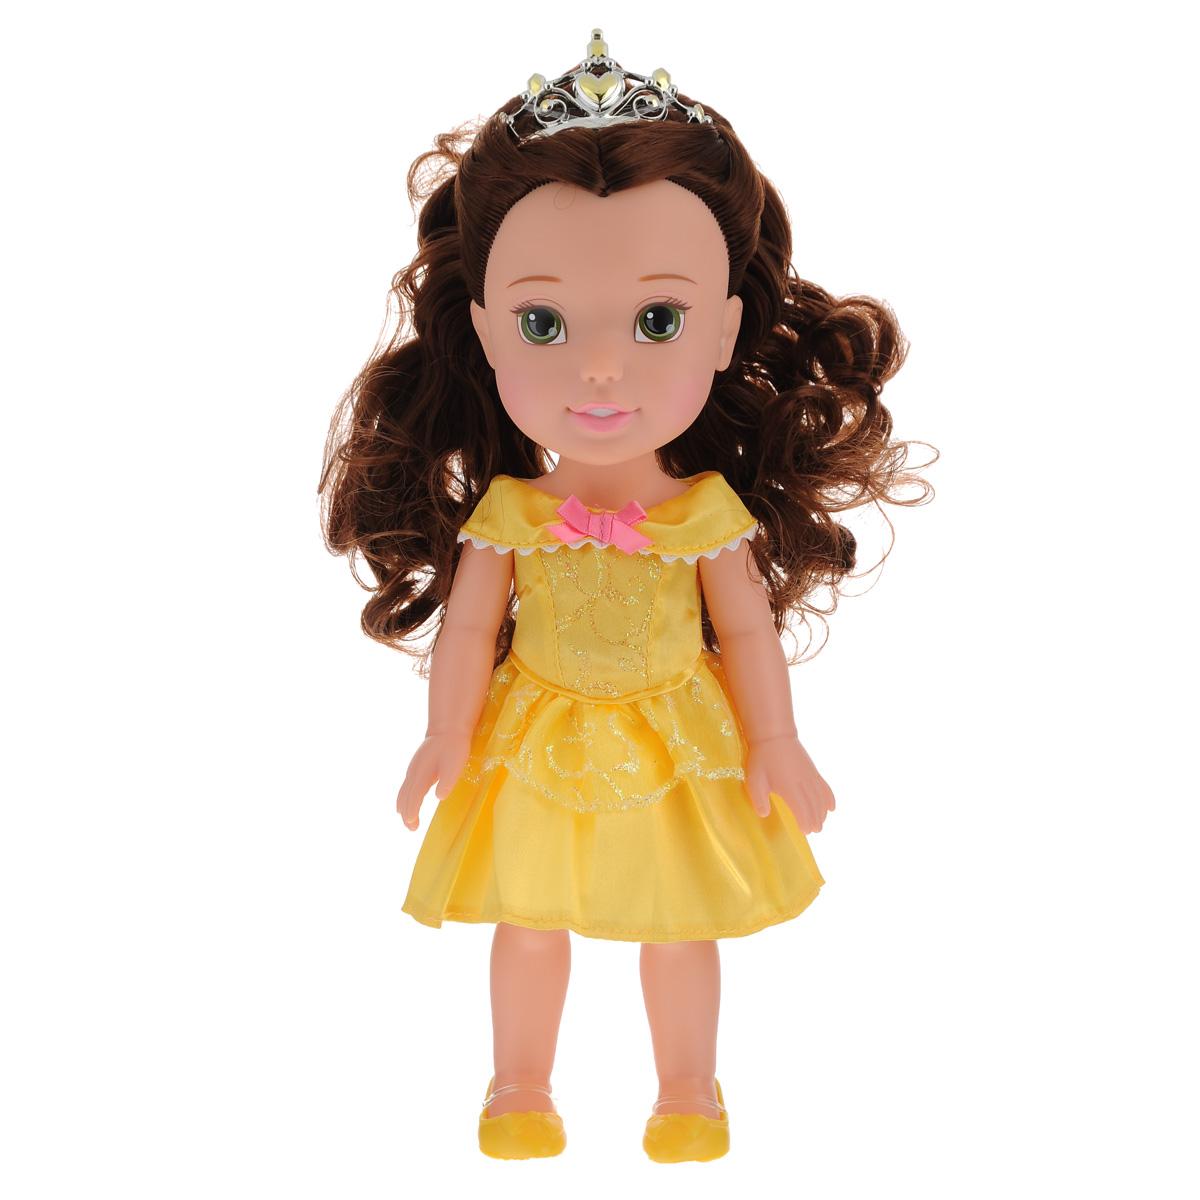 Disney Fairies Кукла My First Disney Princess Малышка Белль751170_ребенок БеллыКукла Disney Princess My First Disney Princess: Малышка Белль  непременно понравится вашей дочурке. Кукла в виде принцессы Белль выполнена из пластика и одета в прекрасное желтое платье с блестящими вставками, на ножках - желтые туфельки. У куклы прекрасные темные локоны, которые можно заплетать. Голову украшает серебристая тиара. Такая куколка очарует вас и вашу дочурку с первого взгляда! Ваша малышка с удовольствием будет играть с принцессой Белль, проигрывая сюжеты из мультфильма или придумывая различные истории. Порадуйте свою дочурку таким замечательным подарком!